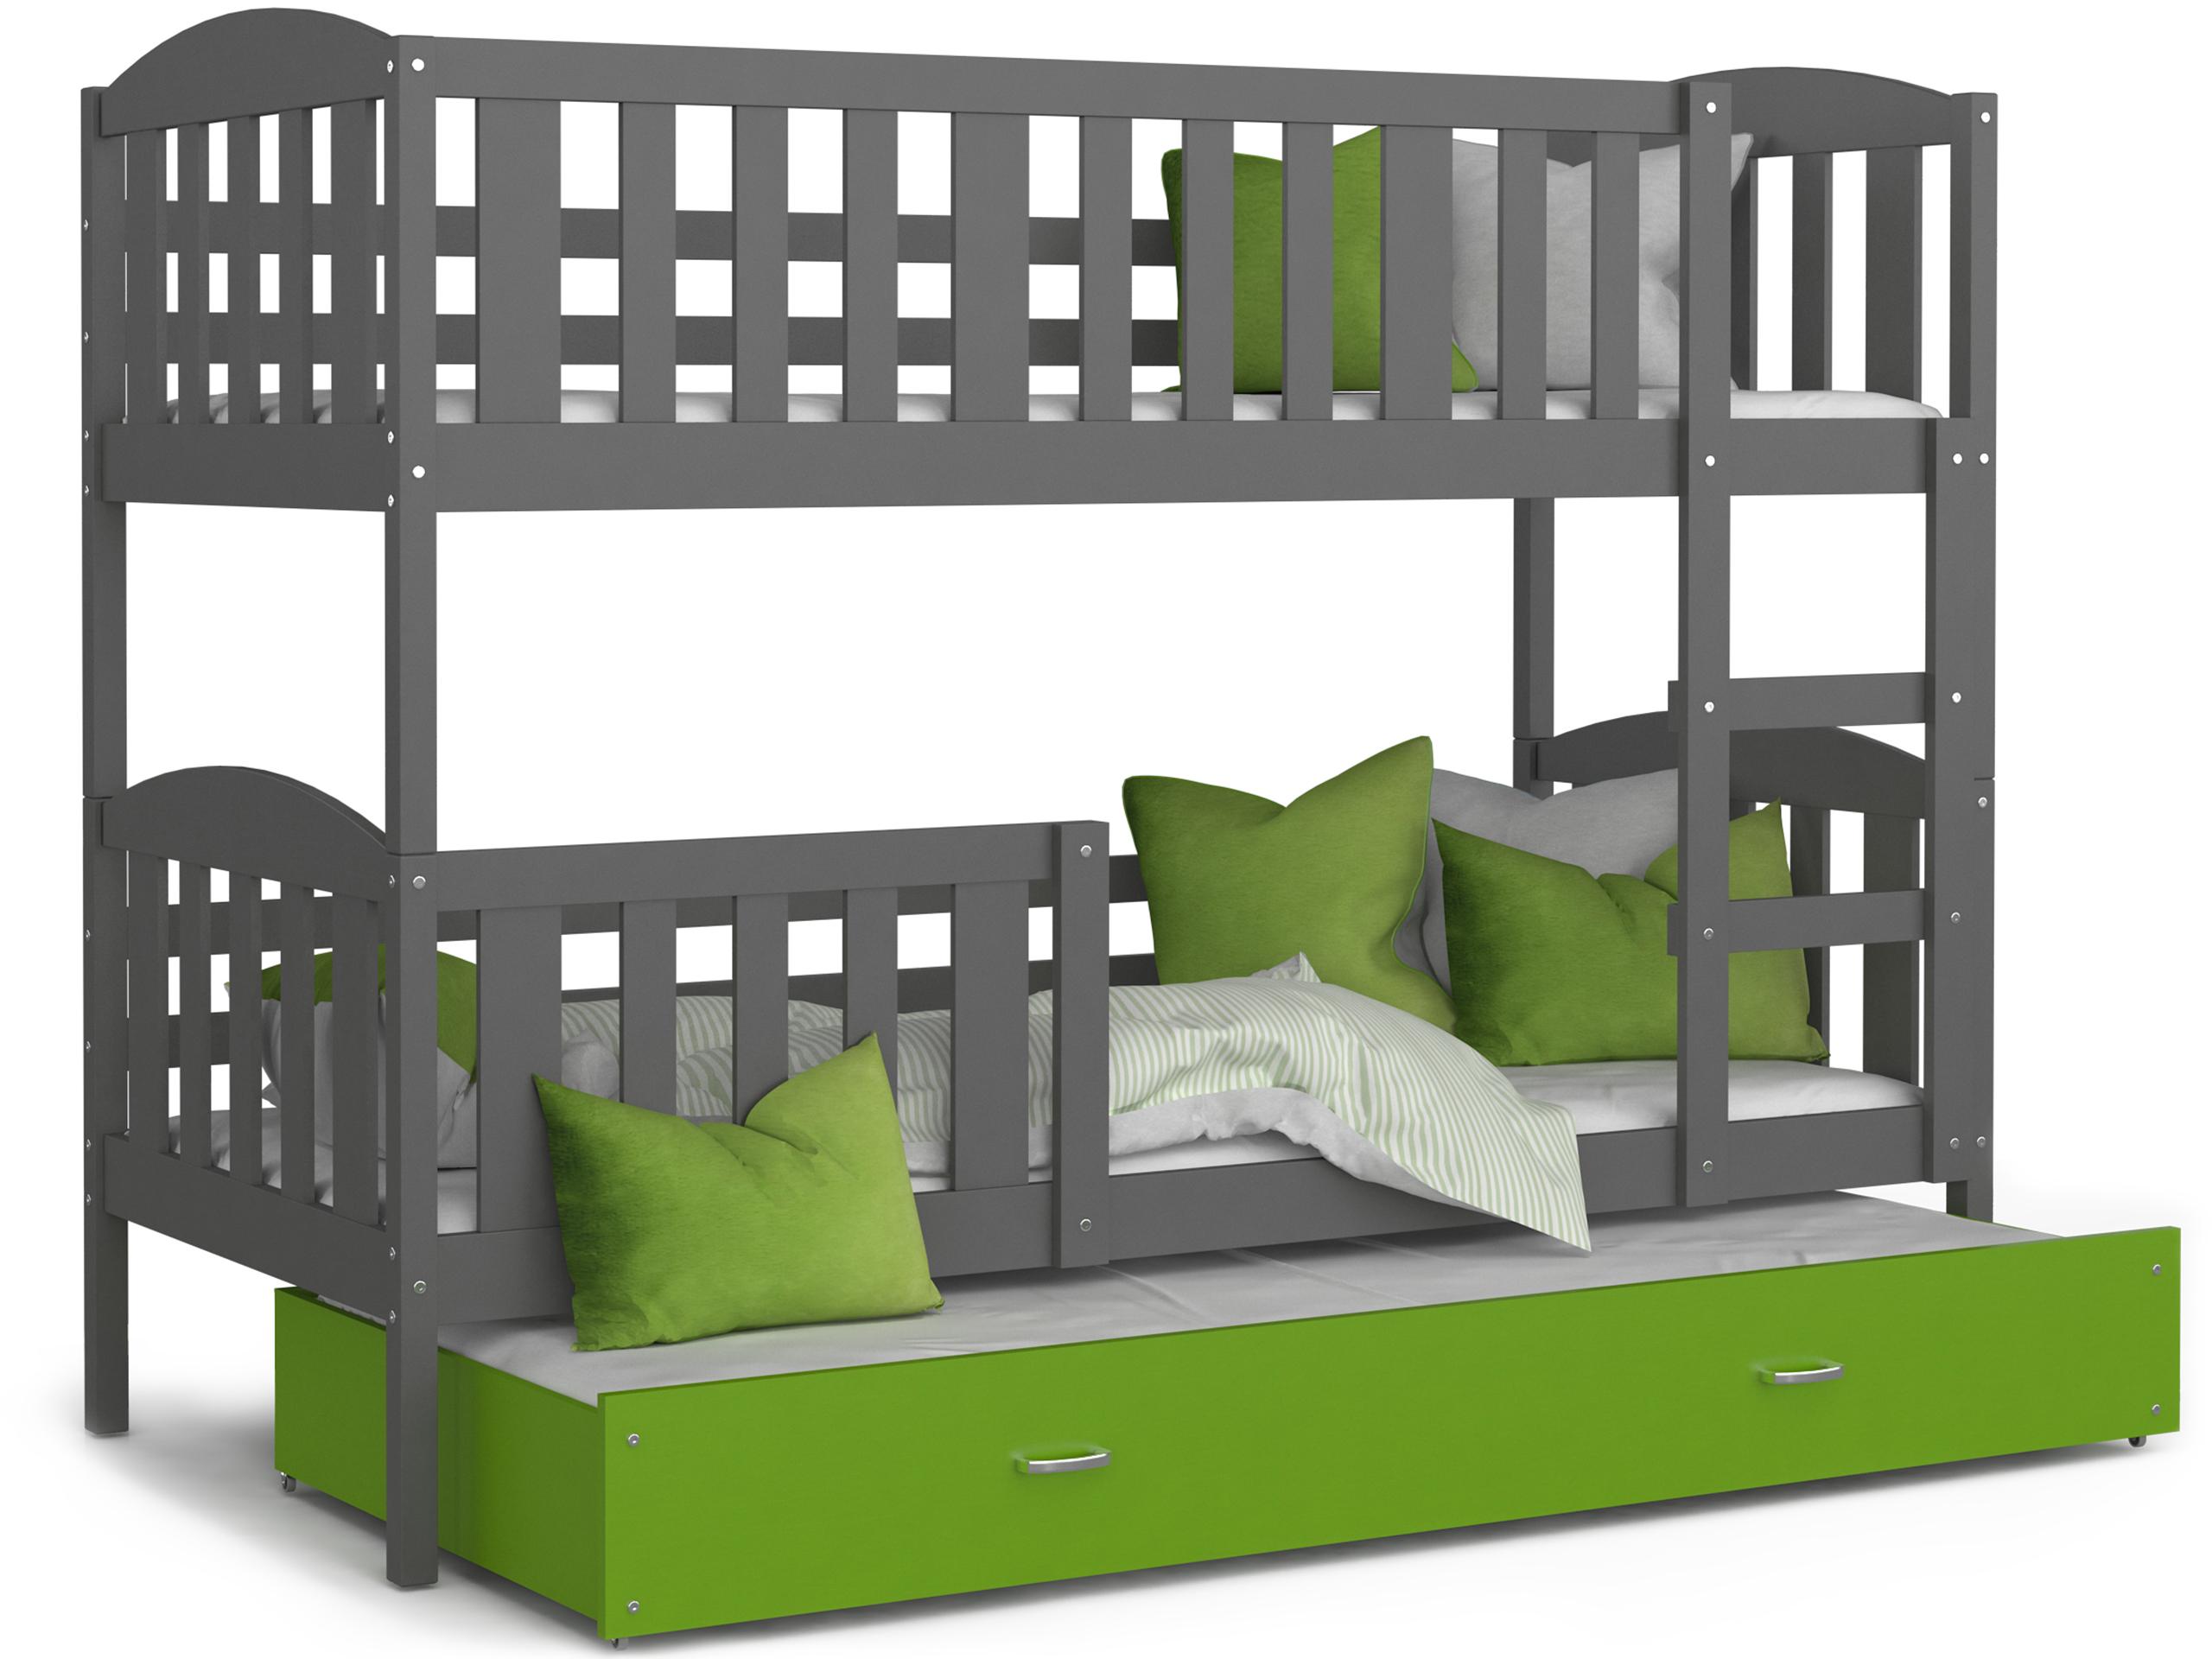 ArtAJ Detská poschodová posteľ Kubuš 3 | 190 x 80 cm Farba: Sivá / zelená, Prevedenie: bez matraca, Rozmer.: MDF